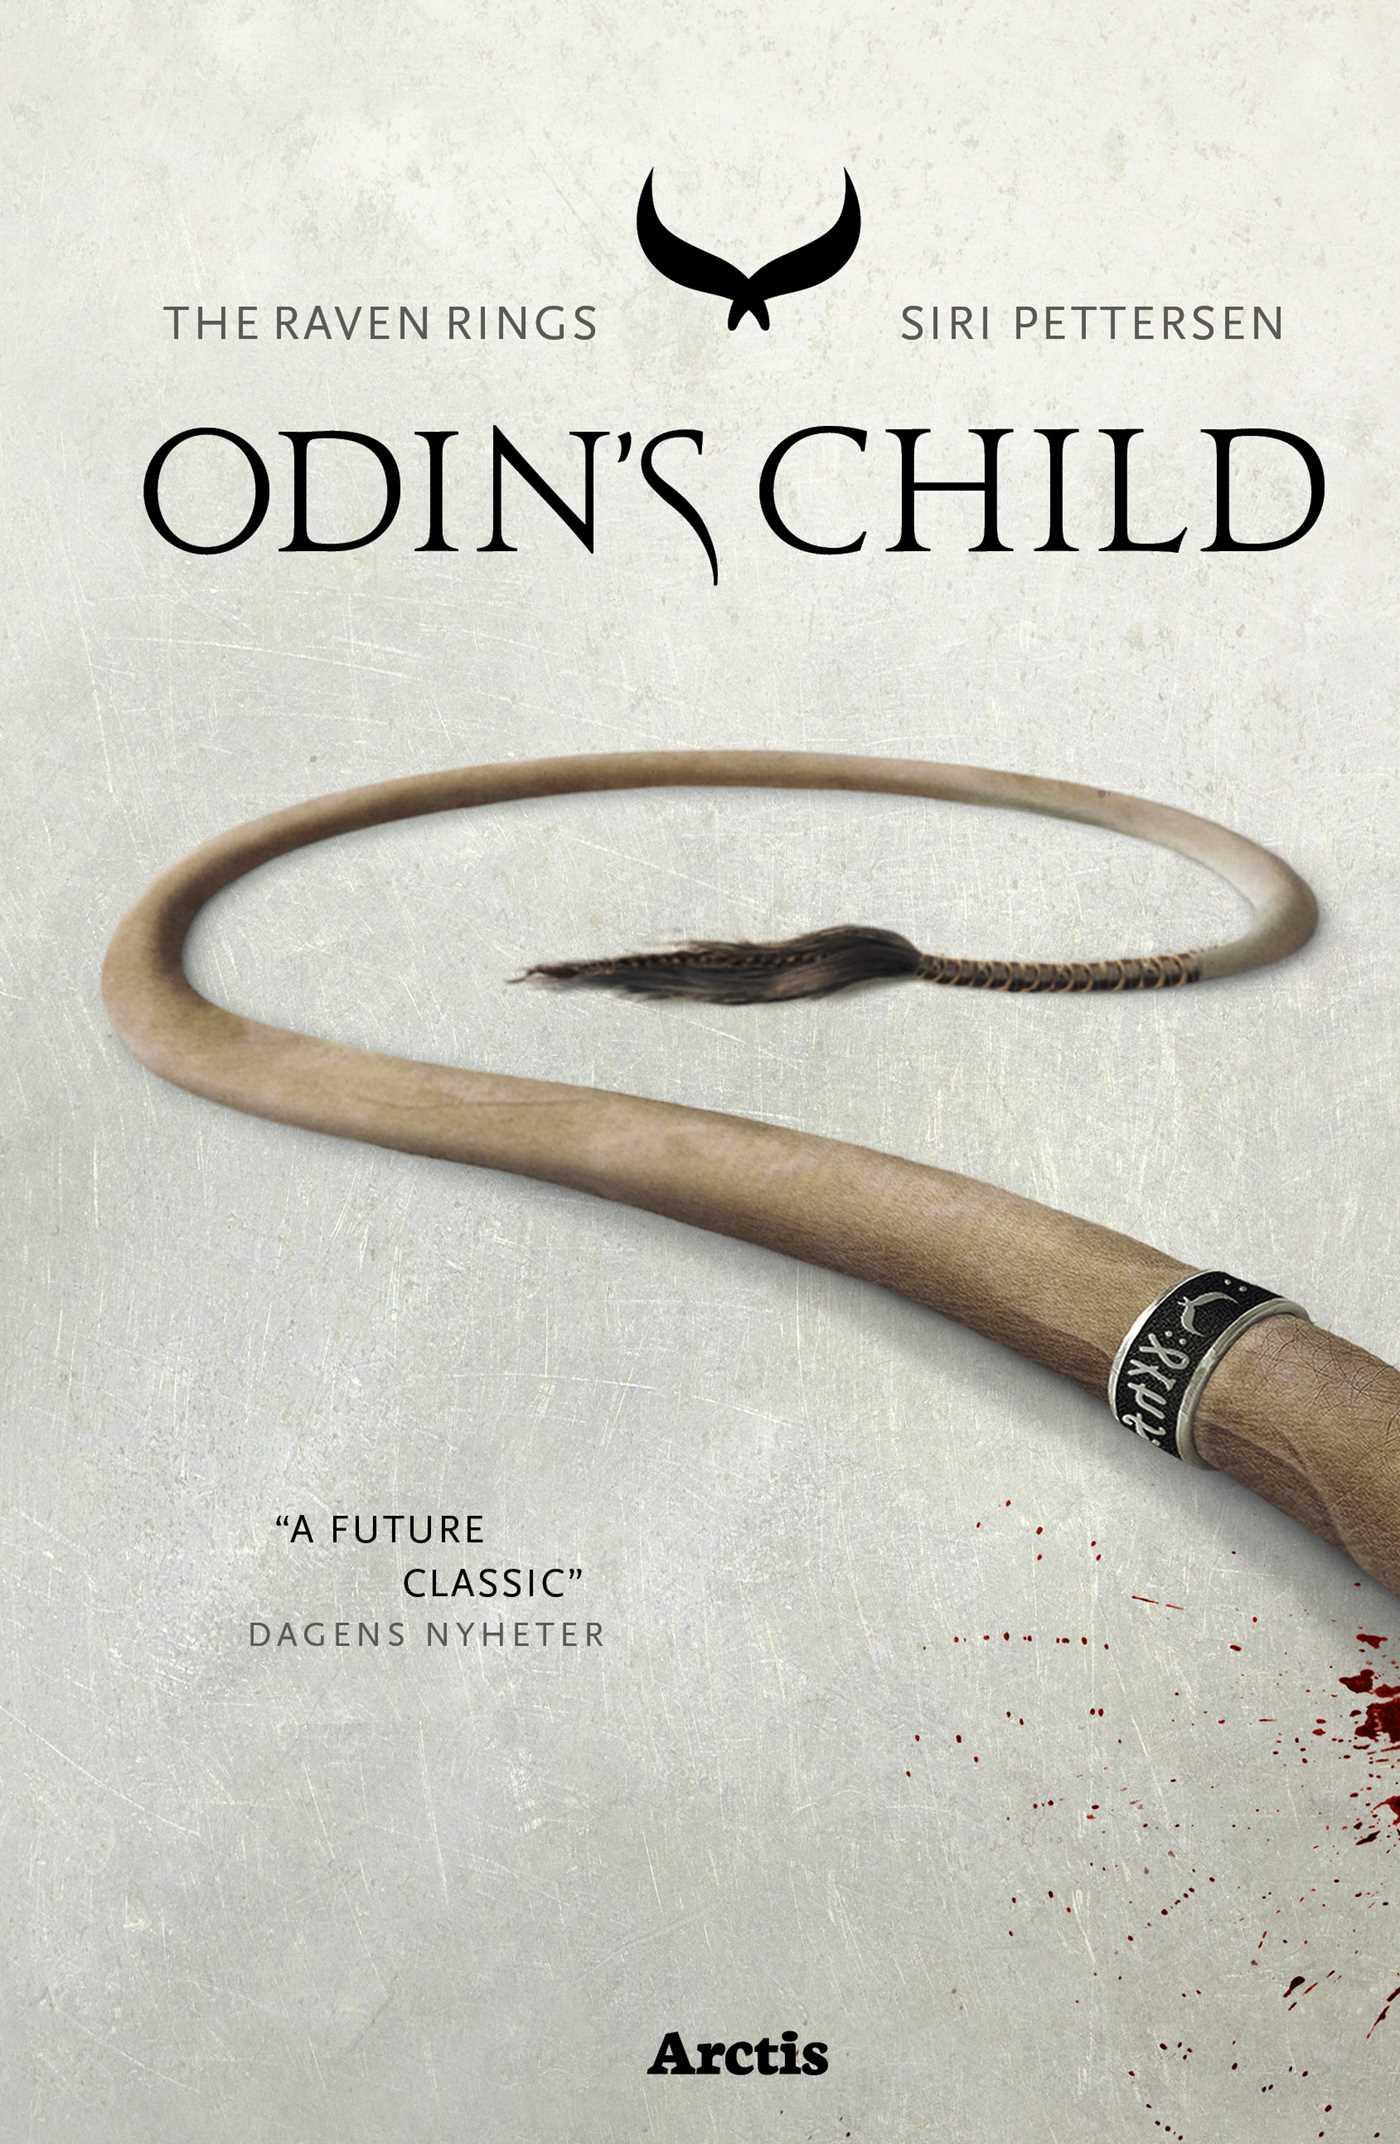 Odin's Child by Siri Pettersen